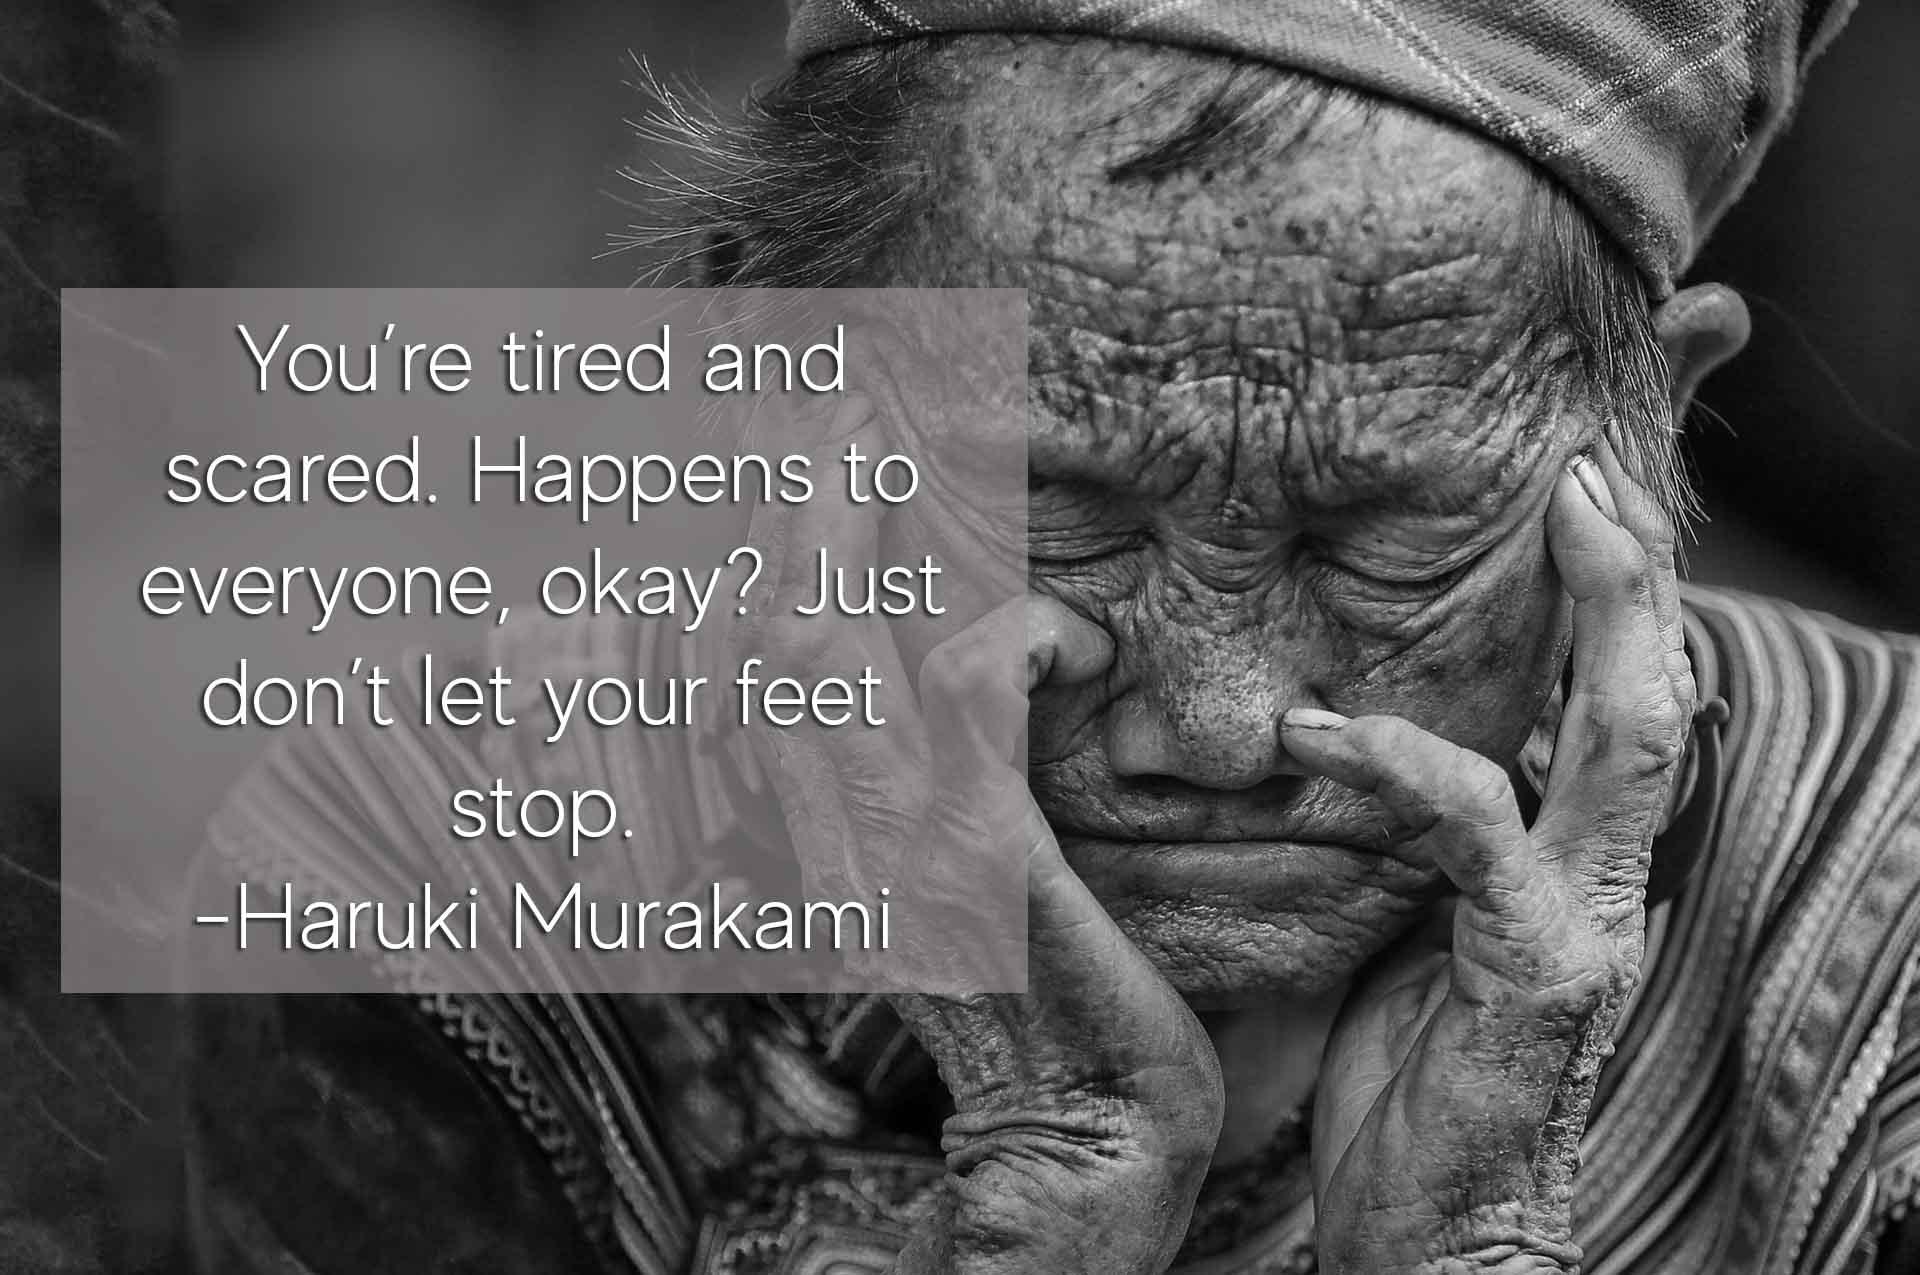 haruki murakami empowering quotes